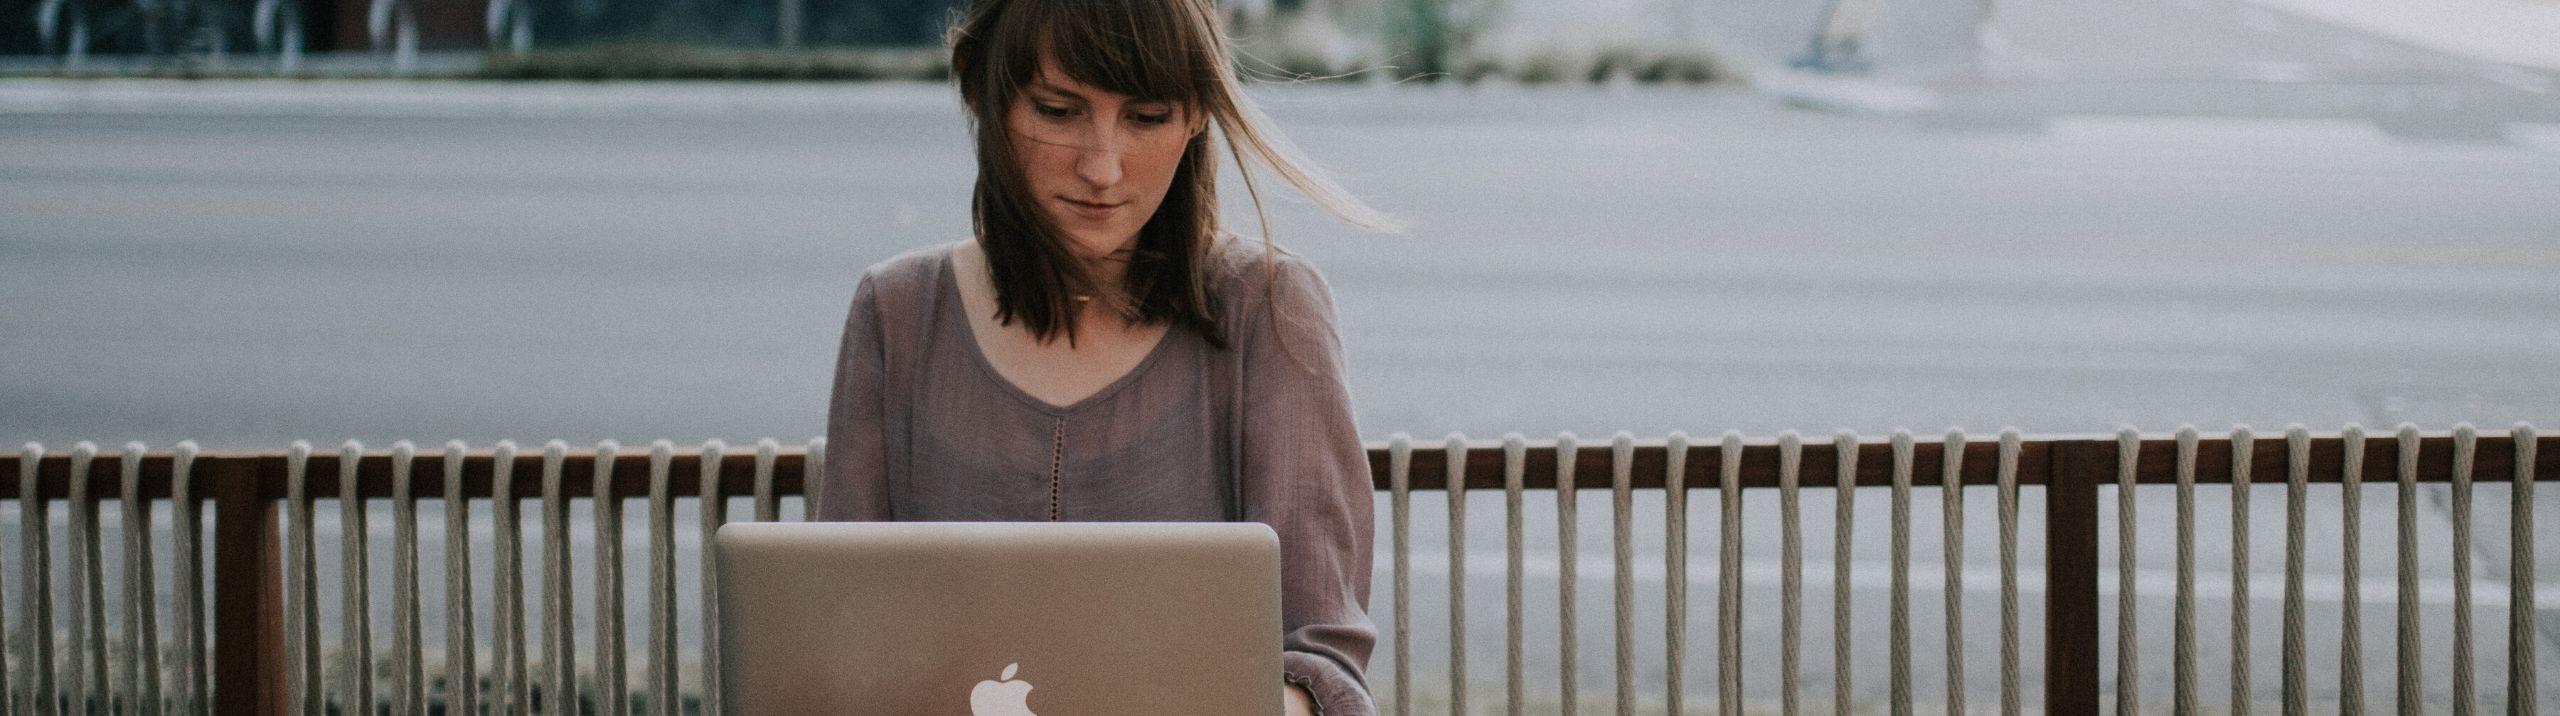 Une femme assise devant un ordinateur à l'extérieur devant une rue déserte.